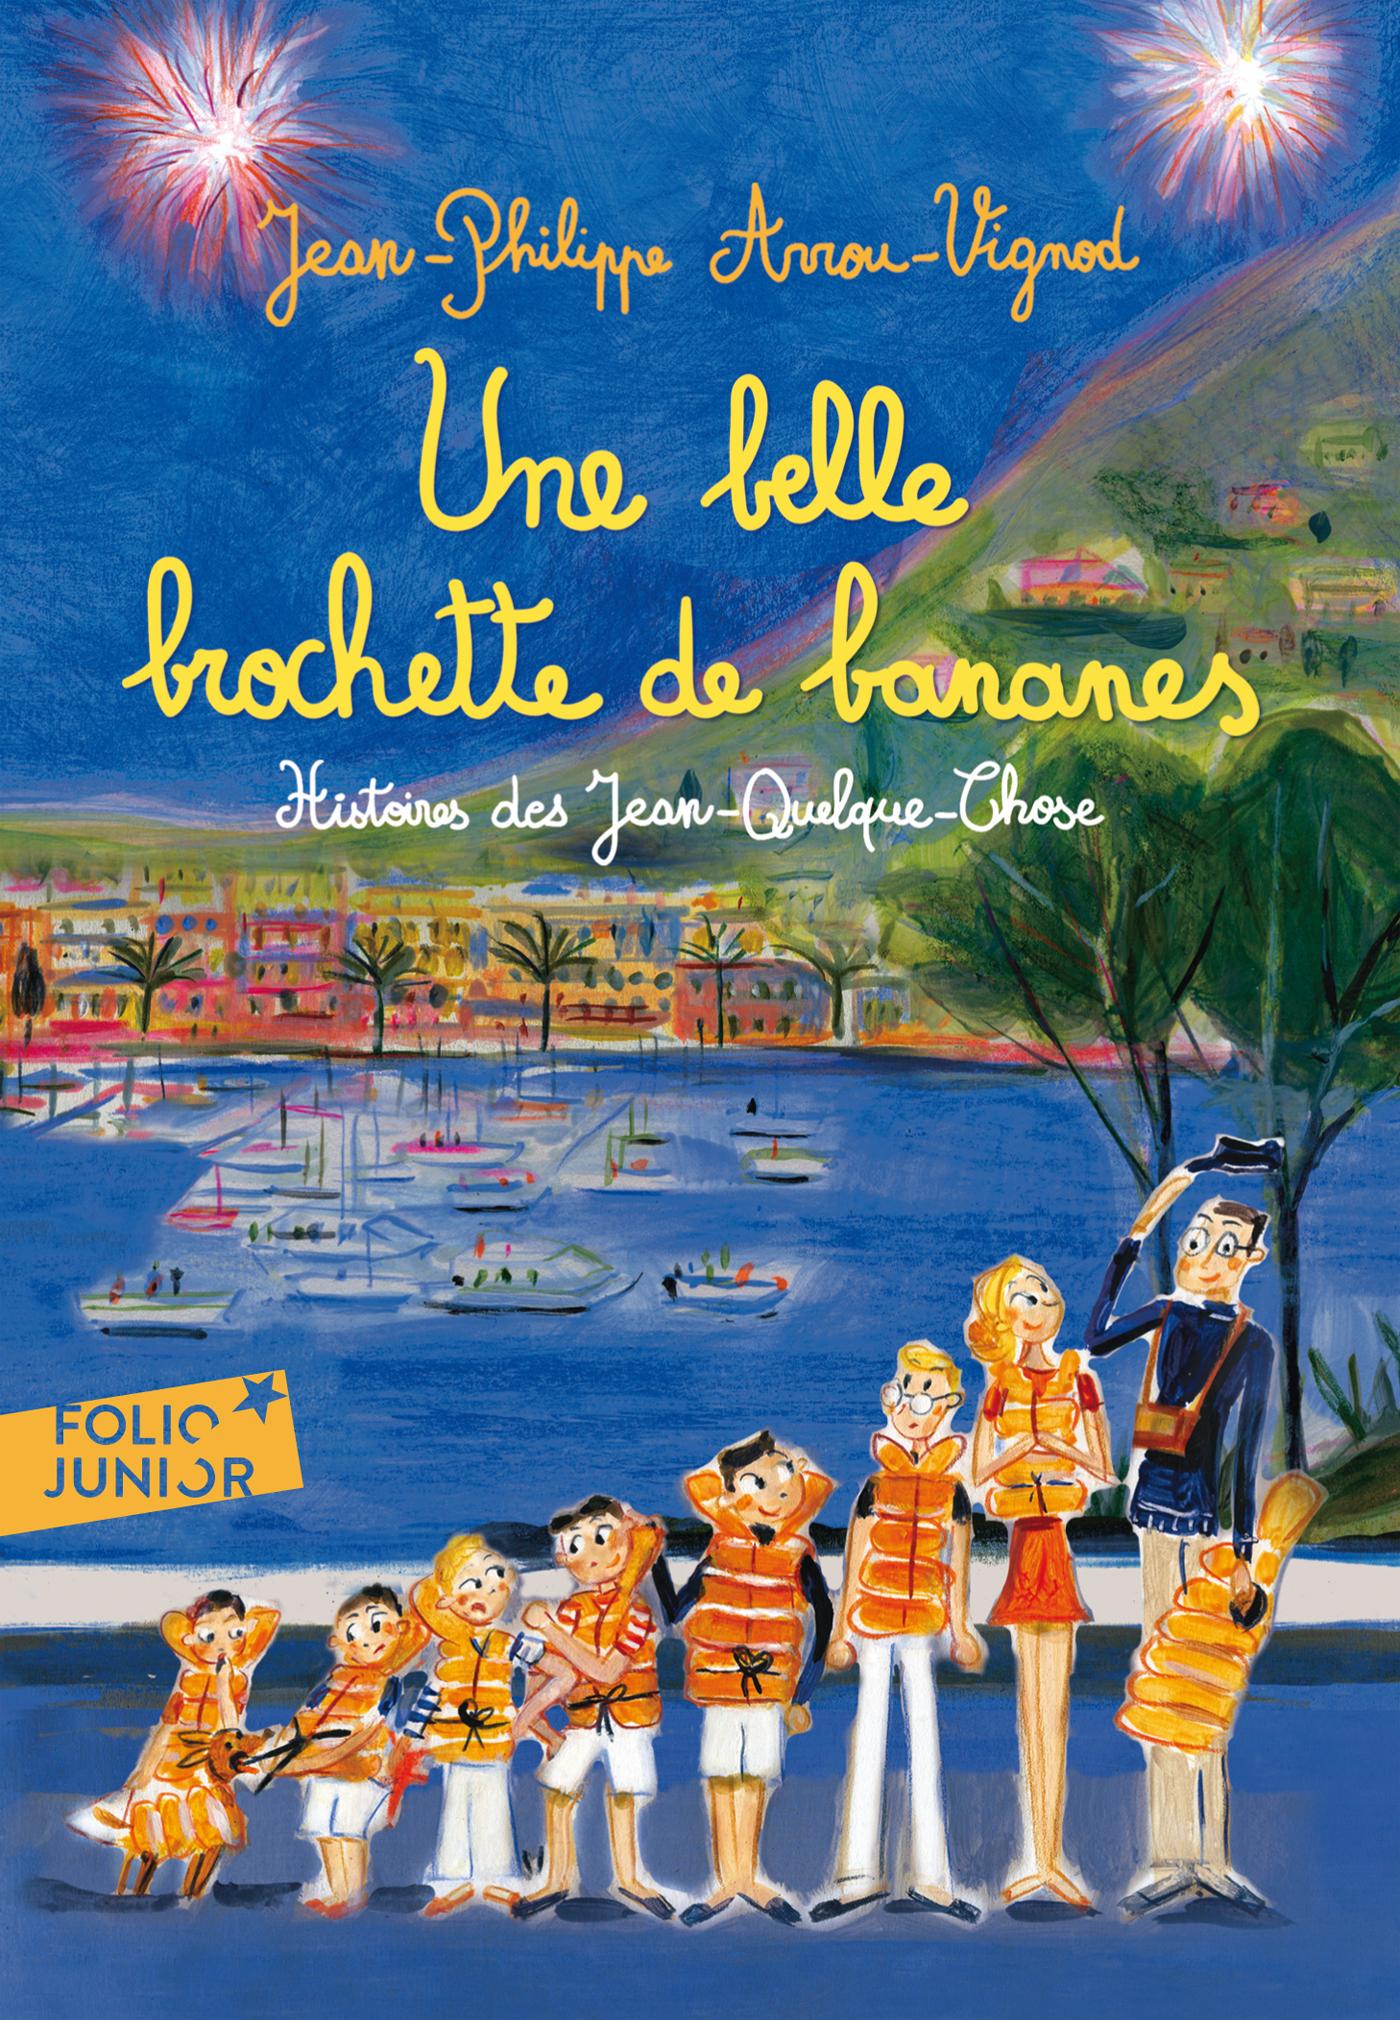 Une belle brochette de bananes. Histoires des Jean-Quelque-Chose | Arrou-Vignod, Jean-Philippe